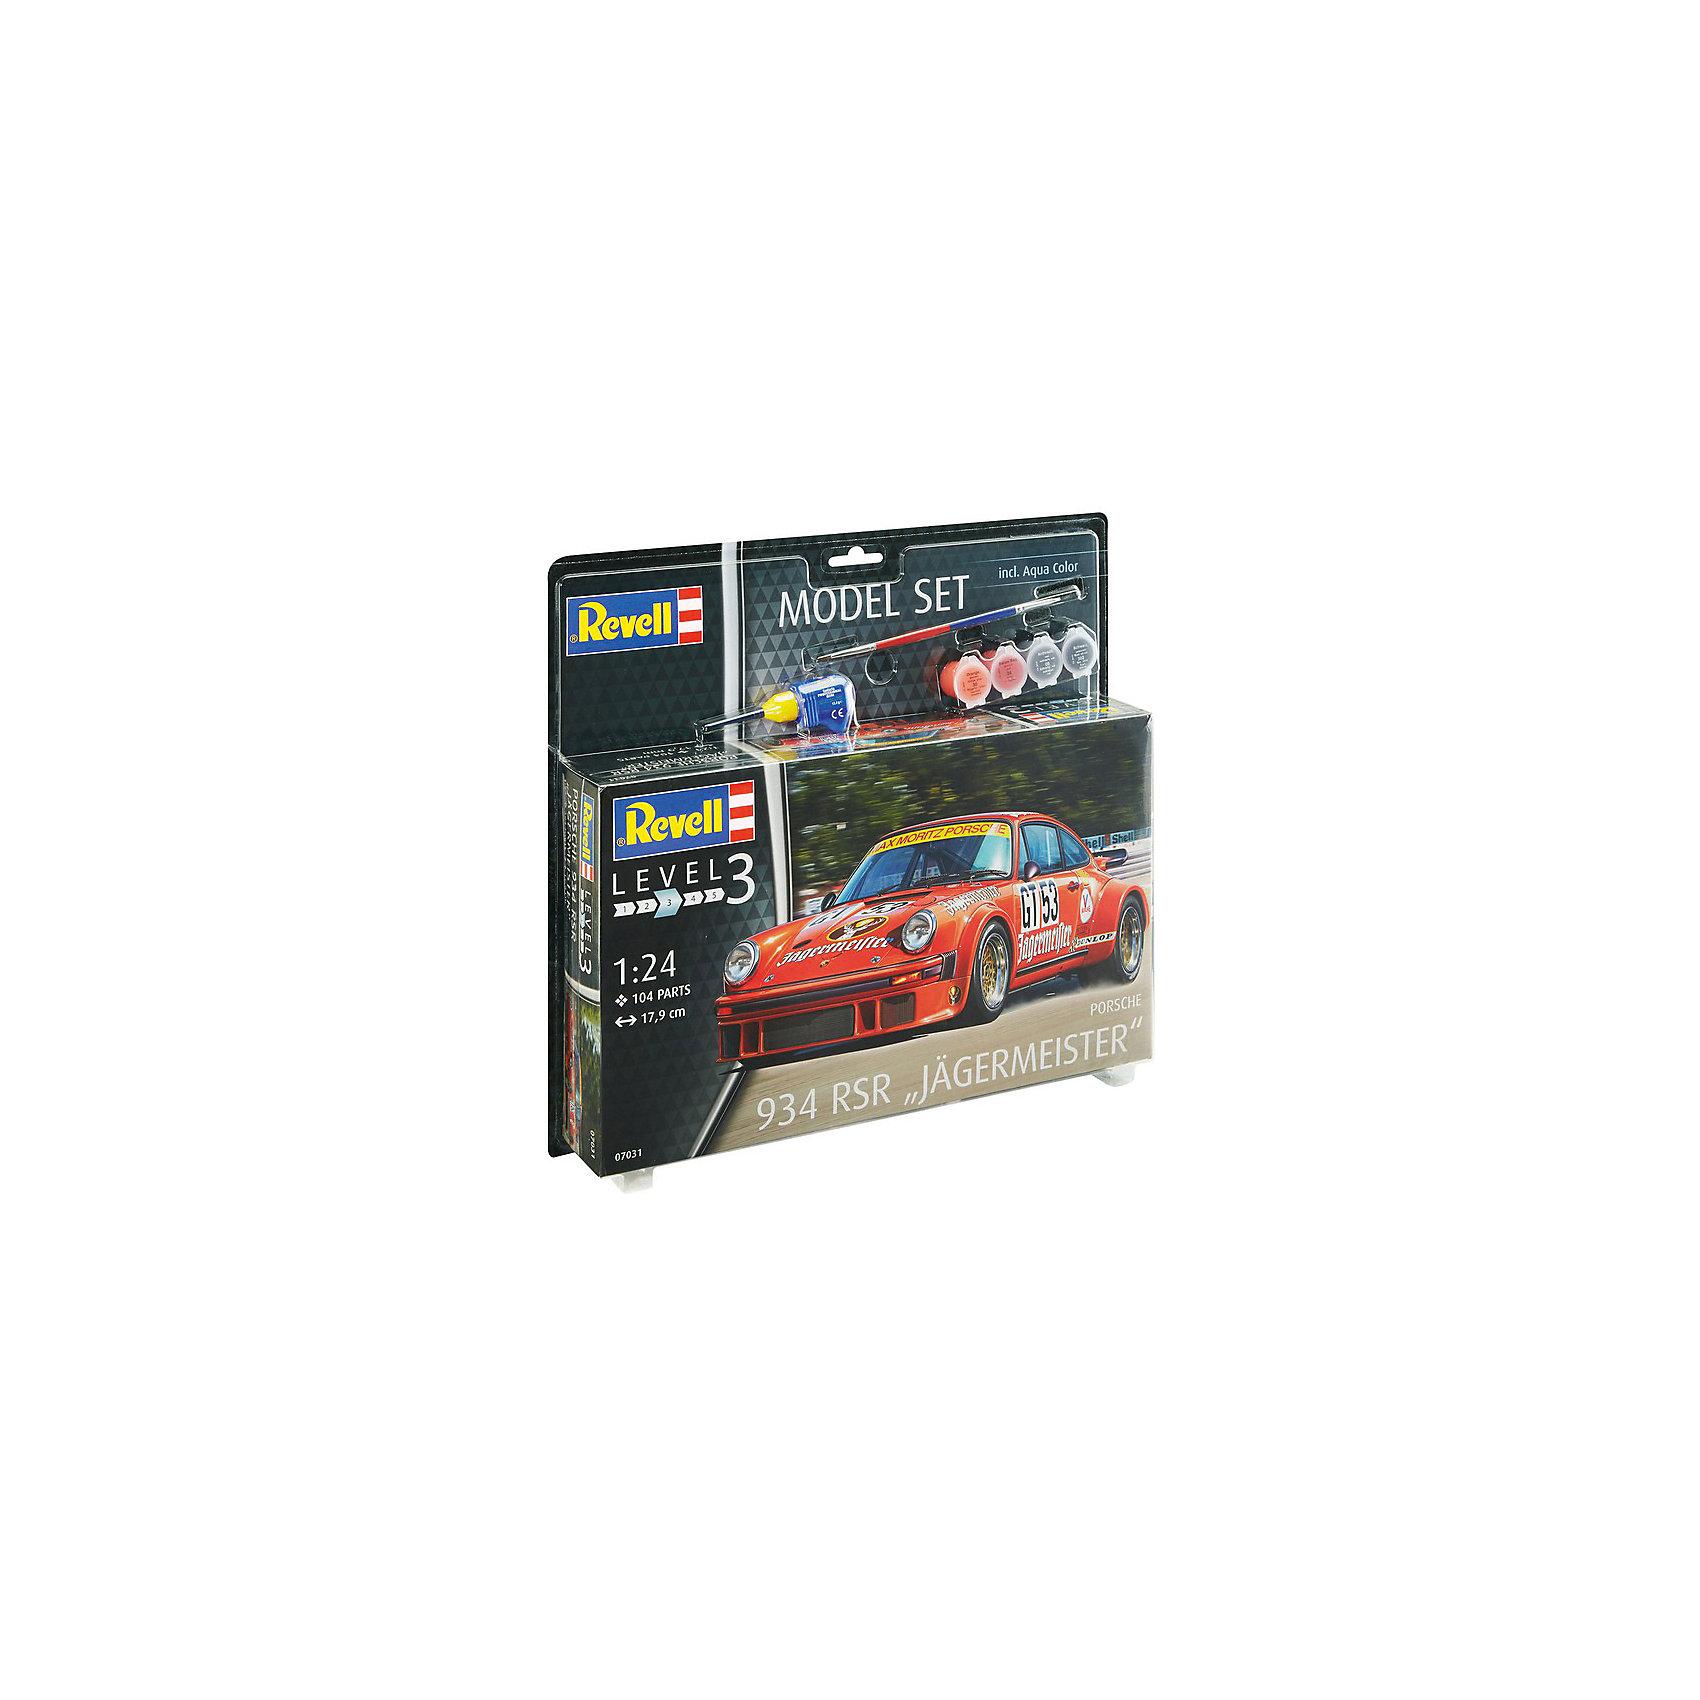 Набор Автомобиль Porsche 934 RSR J?germeisterМодели для склеивания<br>Сборная модель автомобиль Porsche 934 RSR от Revell в масштабе 1:24 с уникальной спортивной ливреей. Модель может похвастаться интересной раскраской Jagermeister от гоночной команды Max-Moritz Racing Team. <br>Сама модель собирается из 104 пластиковых деталей. Капот машины открываются, колеса вращаются. Длина модели 17,9. <br>Детализованная декаль содержит всю символику команды, гоночные номера и логотипы спонсоров.  <br>Модель для детей от 10 лет. <br>Внимание! В набор не входят инструменты для сборки. Помимо деталей и руководства по сборке в комплект включены клей, кисточка и акриловые краски базовых цветов.<br><br>Ширина мм: 9999<br>Глубина мм: 9999<br>Высота мм: 9999<br>Вес г: 9999<br>Возраст от месяцев: 120<br>Возраст до месяцев: 2147483647<br>Пол: Мужской<br>Возраст: Детский<br>SKU: 7122372